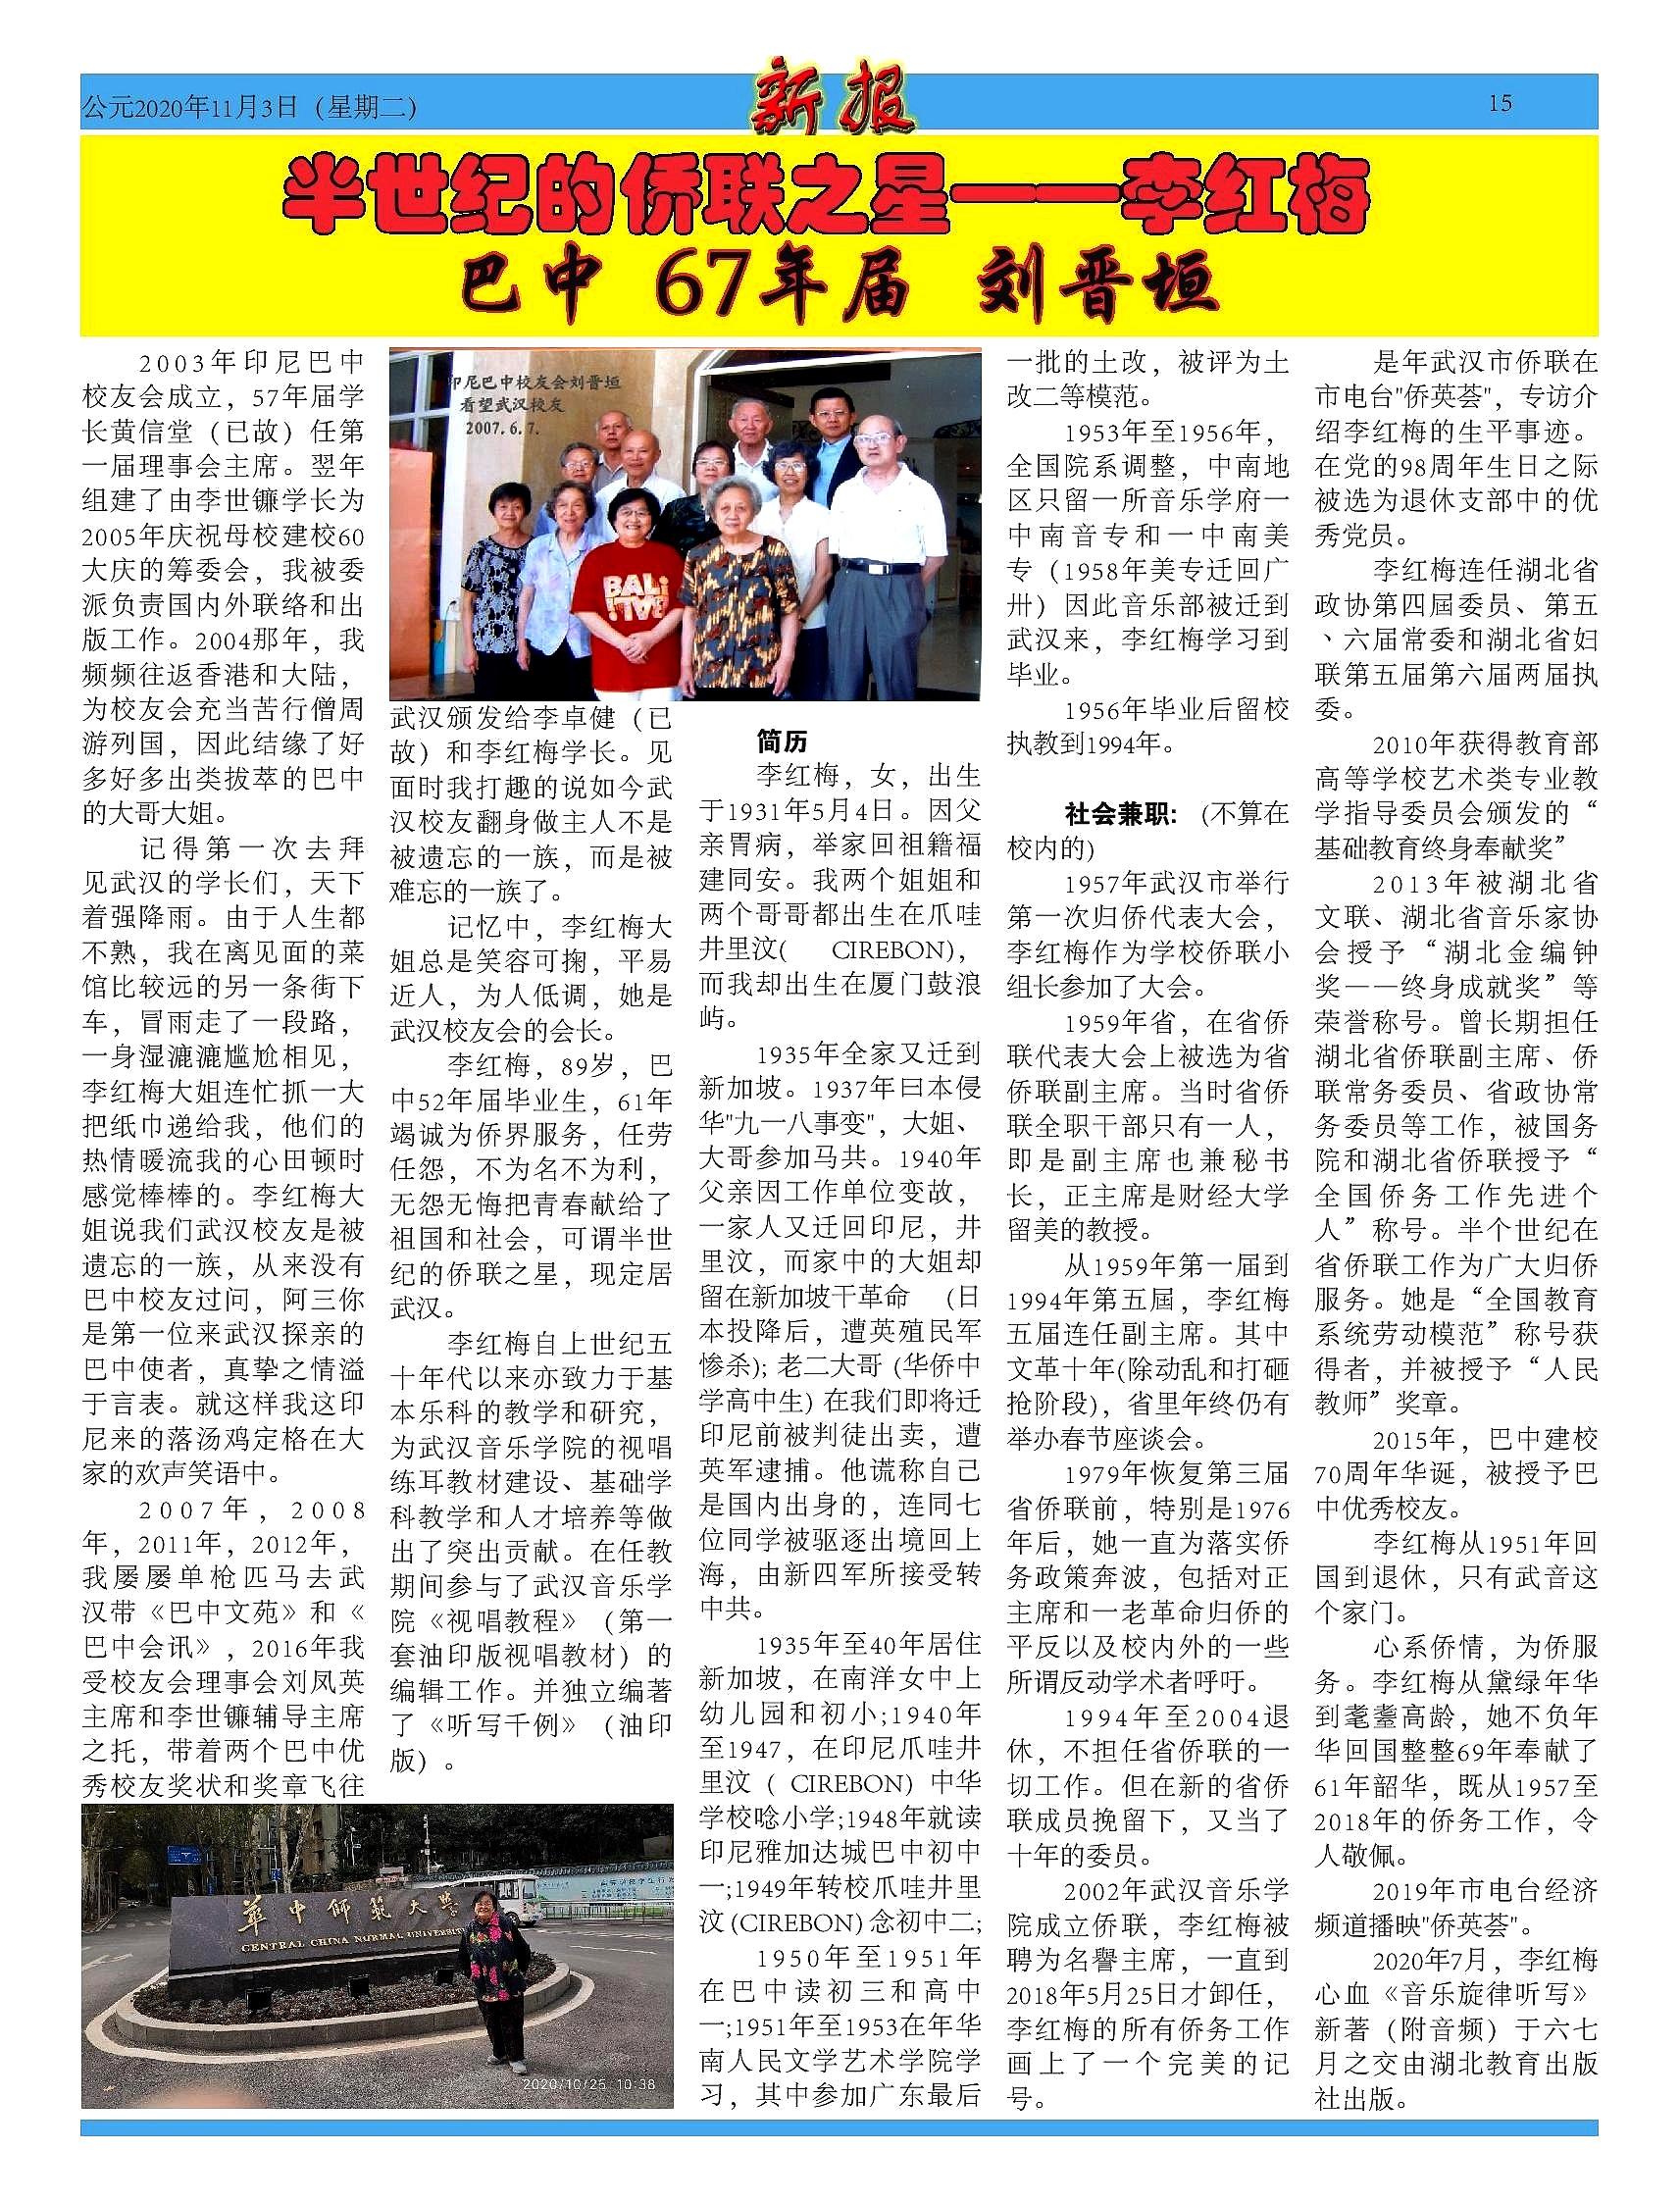 新报306期 2020年11月03日第15页